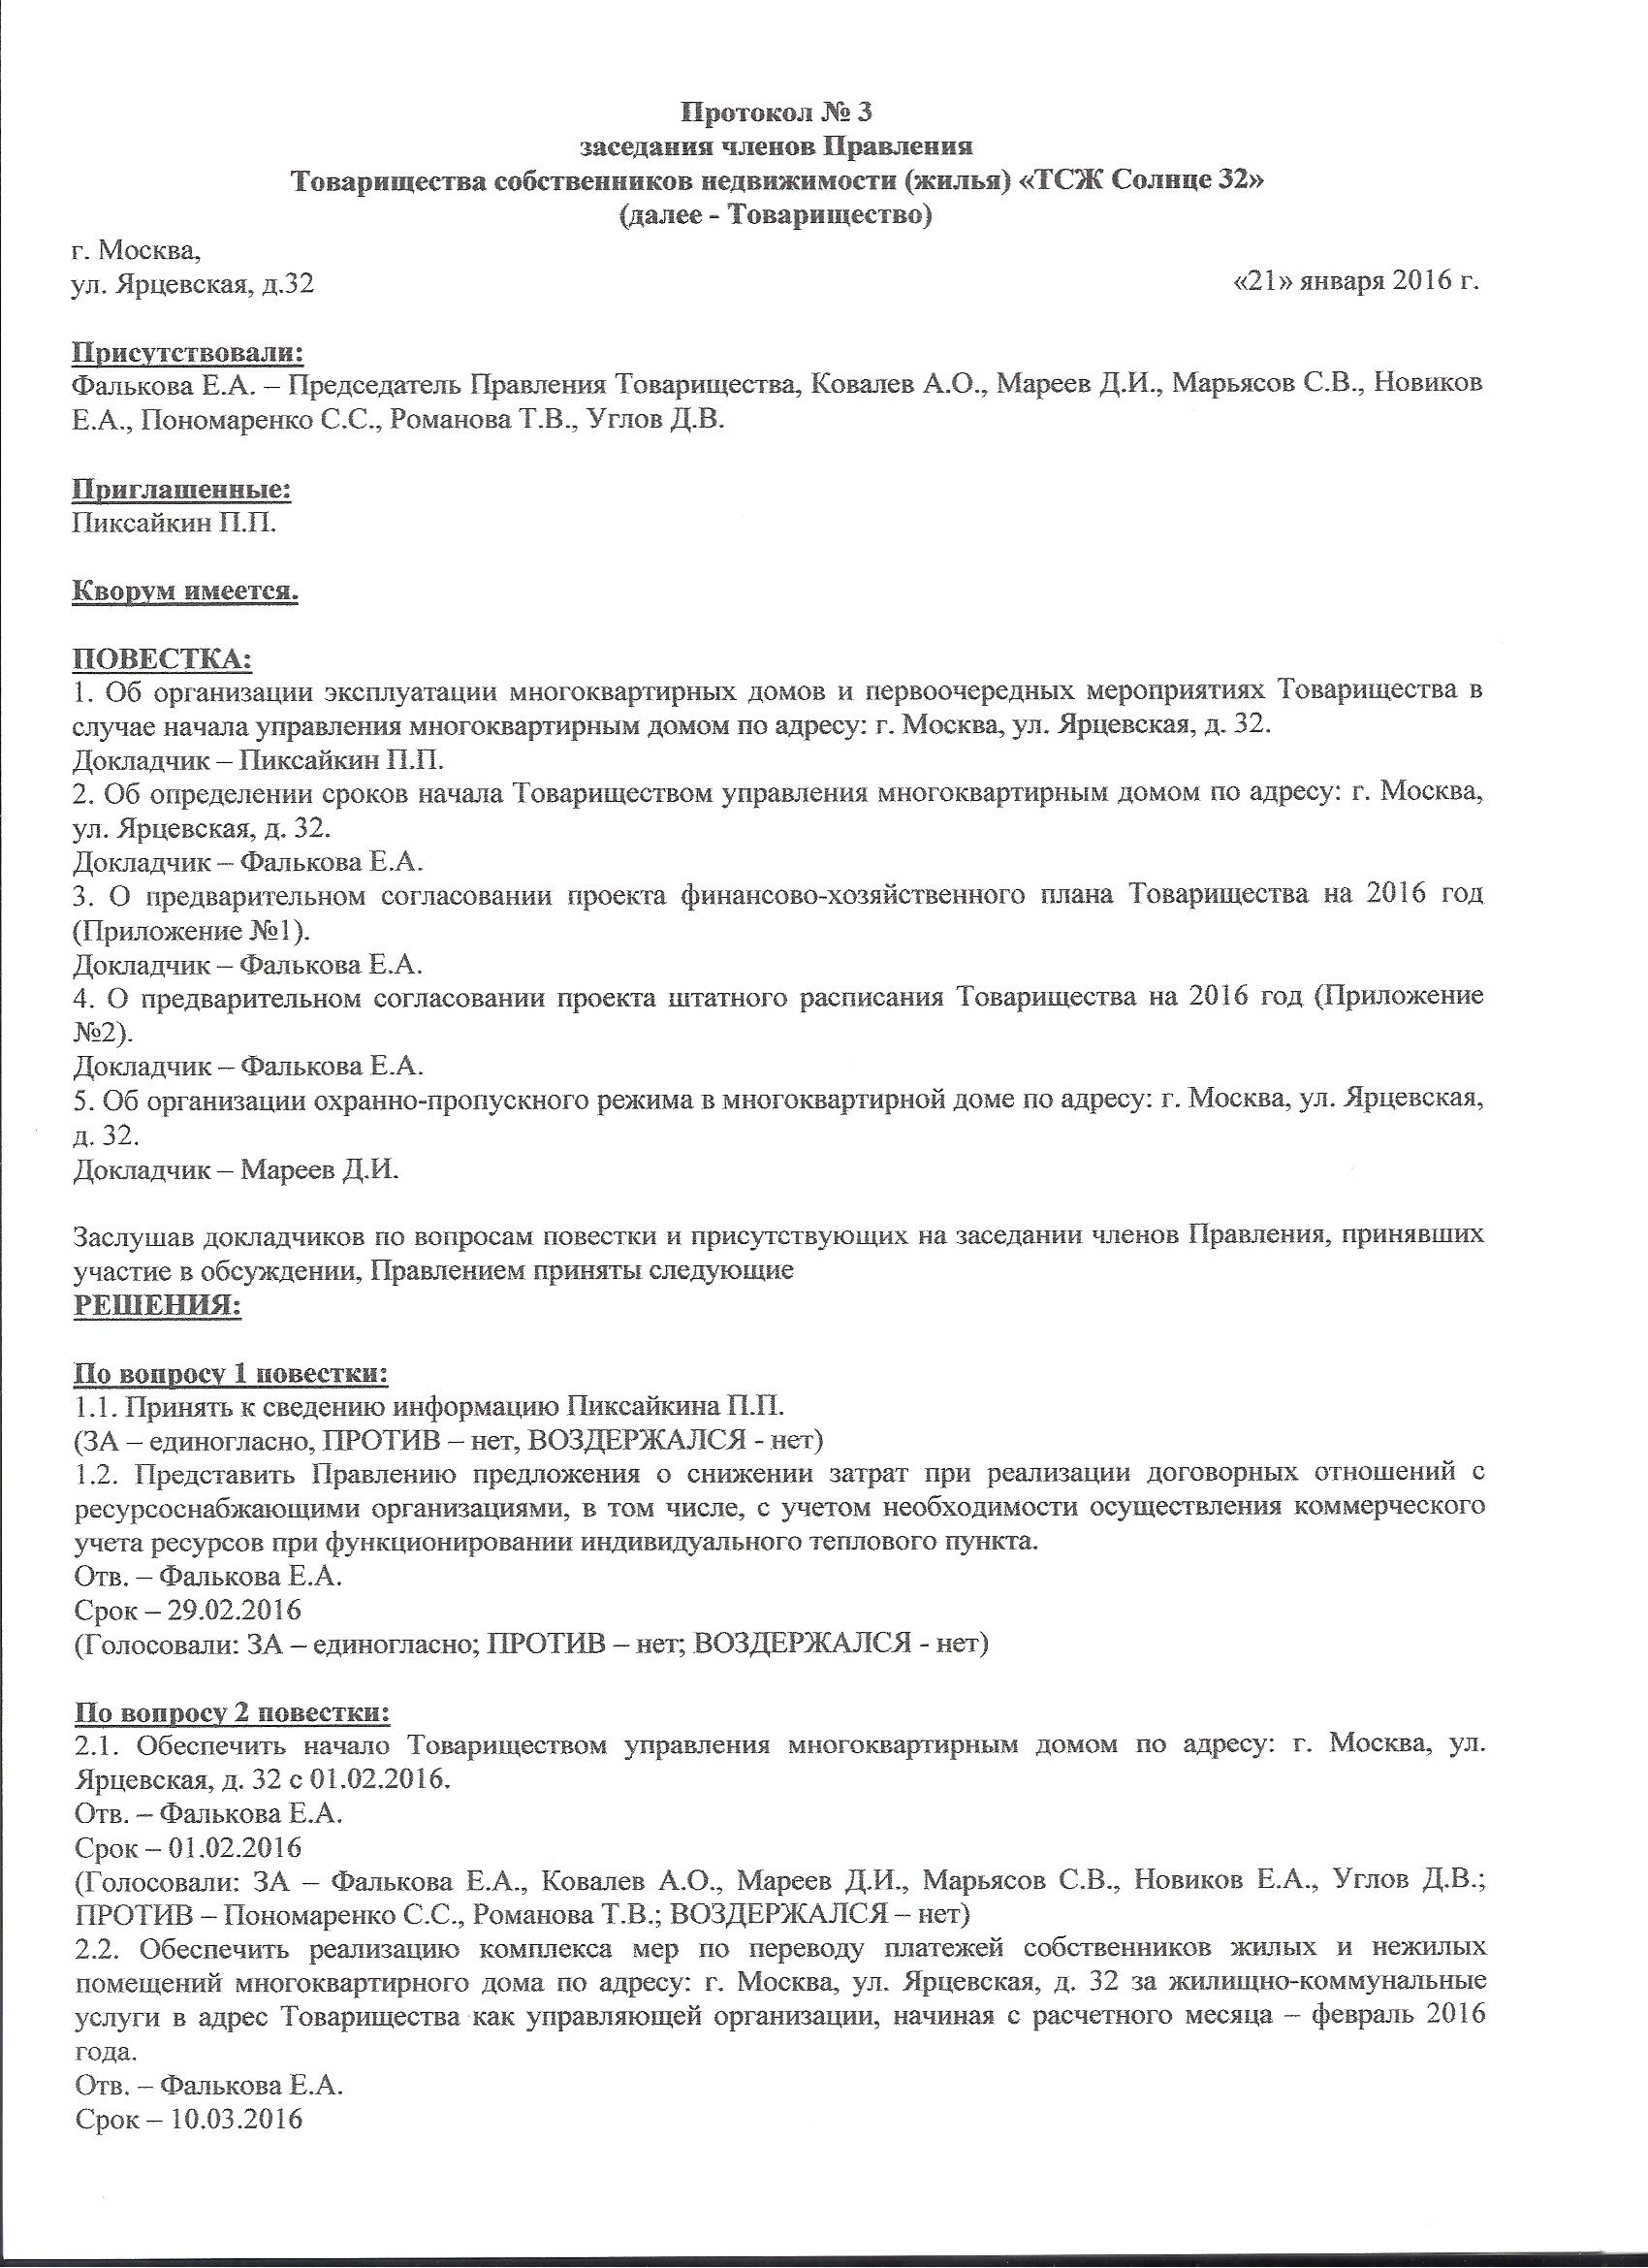 protokol-sobraniya-chlenov-pravleniya